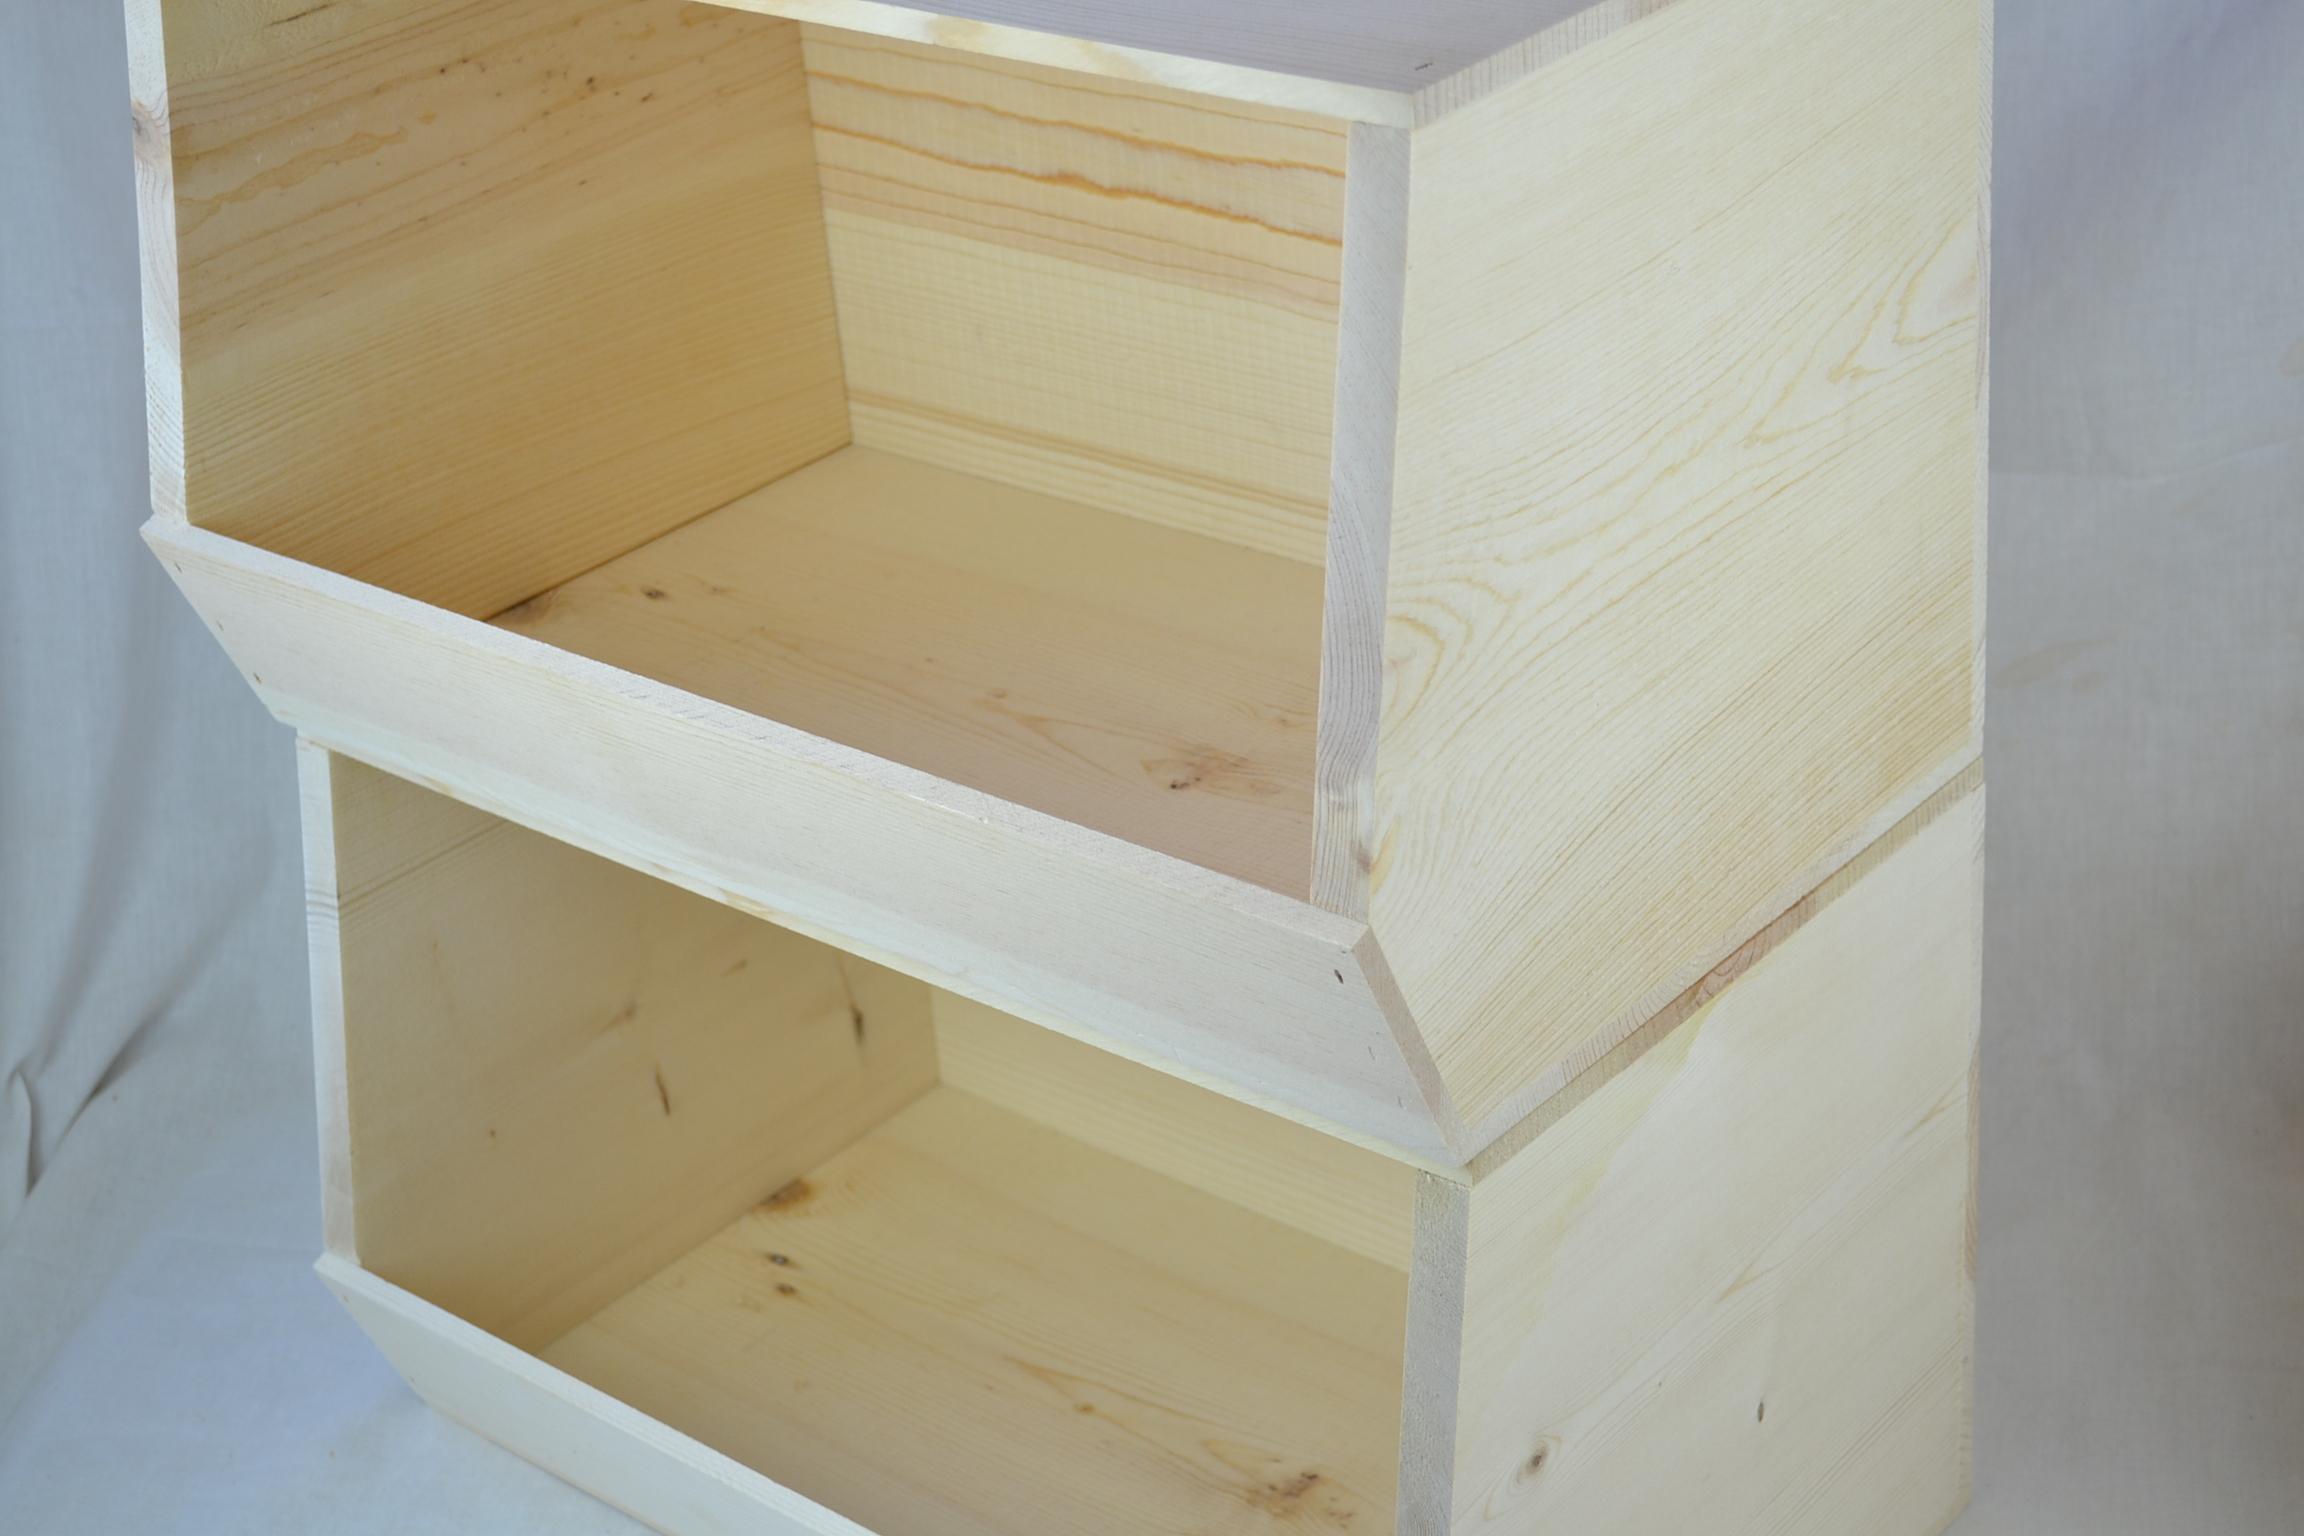 Wooden ... & Stackable Wooden Storage Bins - Listitdallas